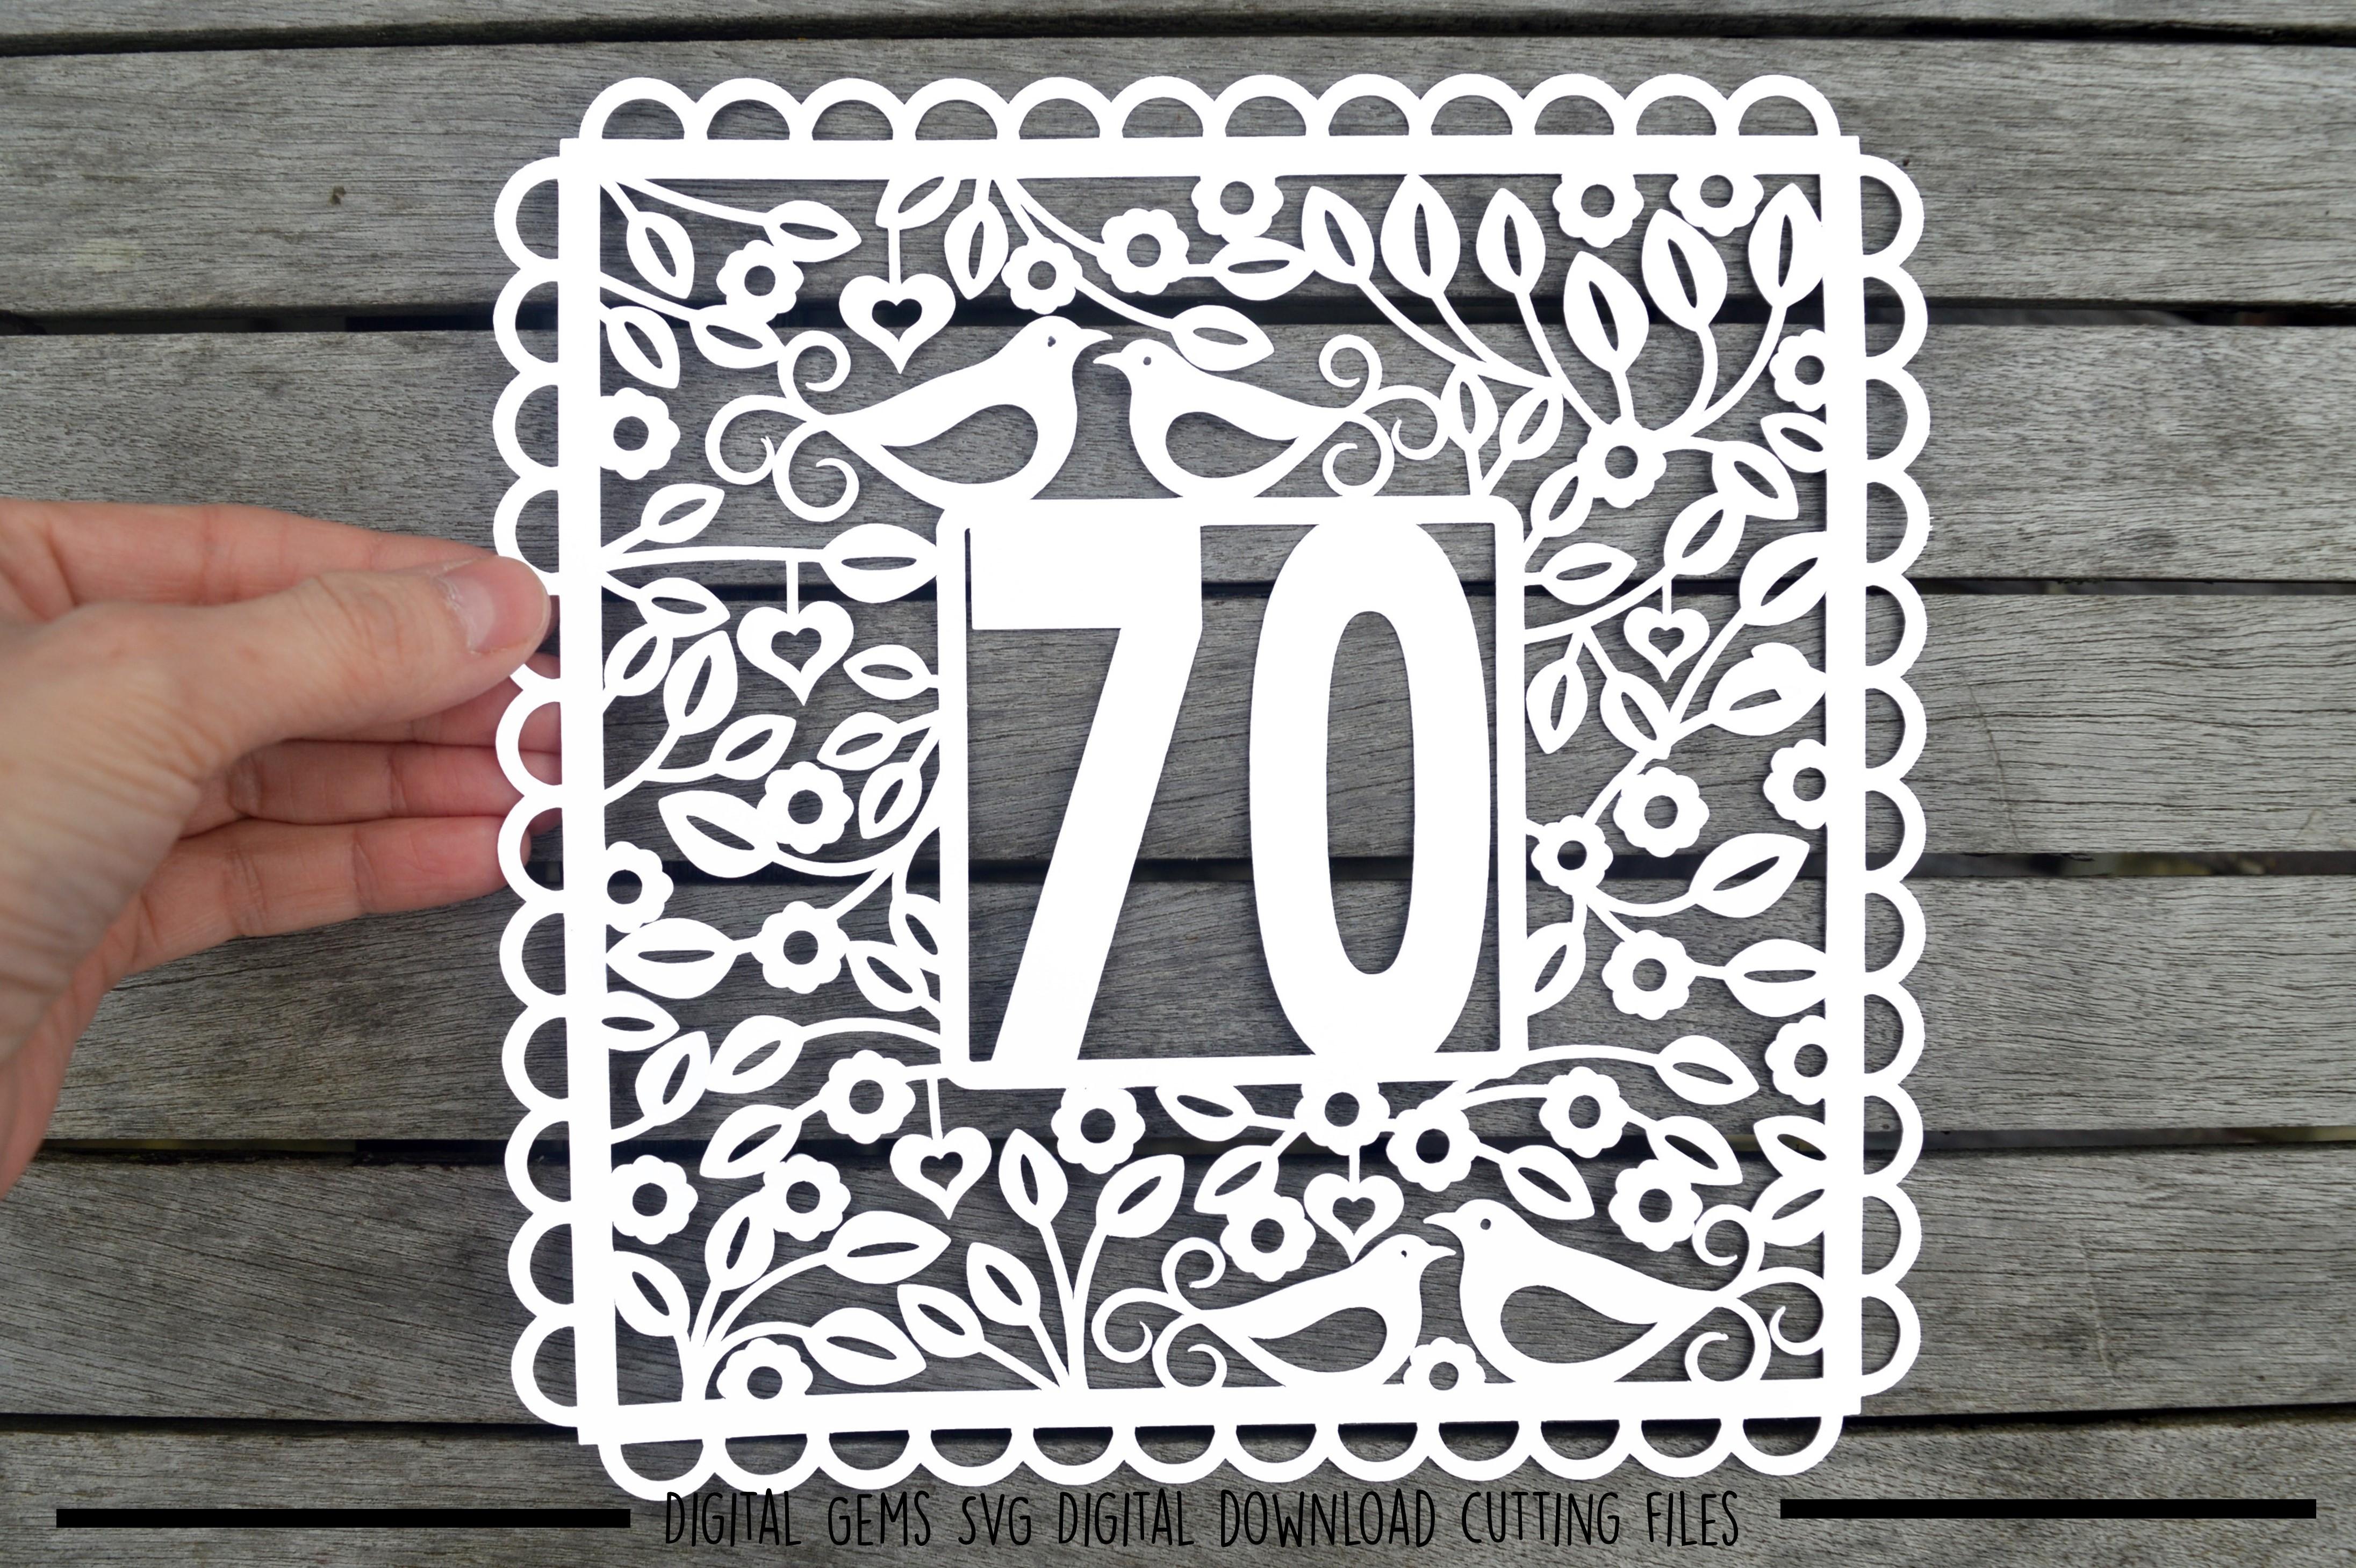 Number 70 Paper Cut Svg Dxf Eps Files 42618 Svgs Design Bundles